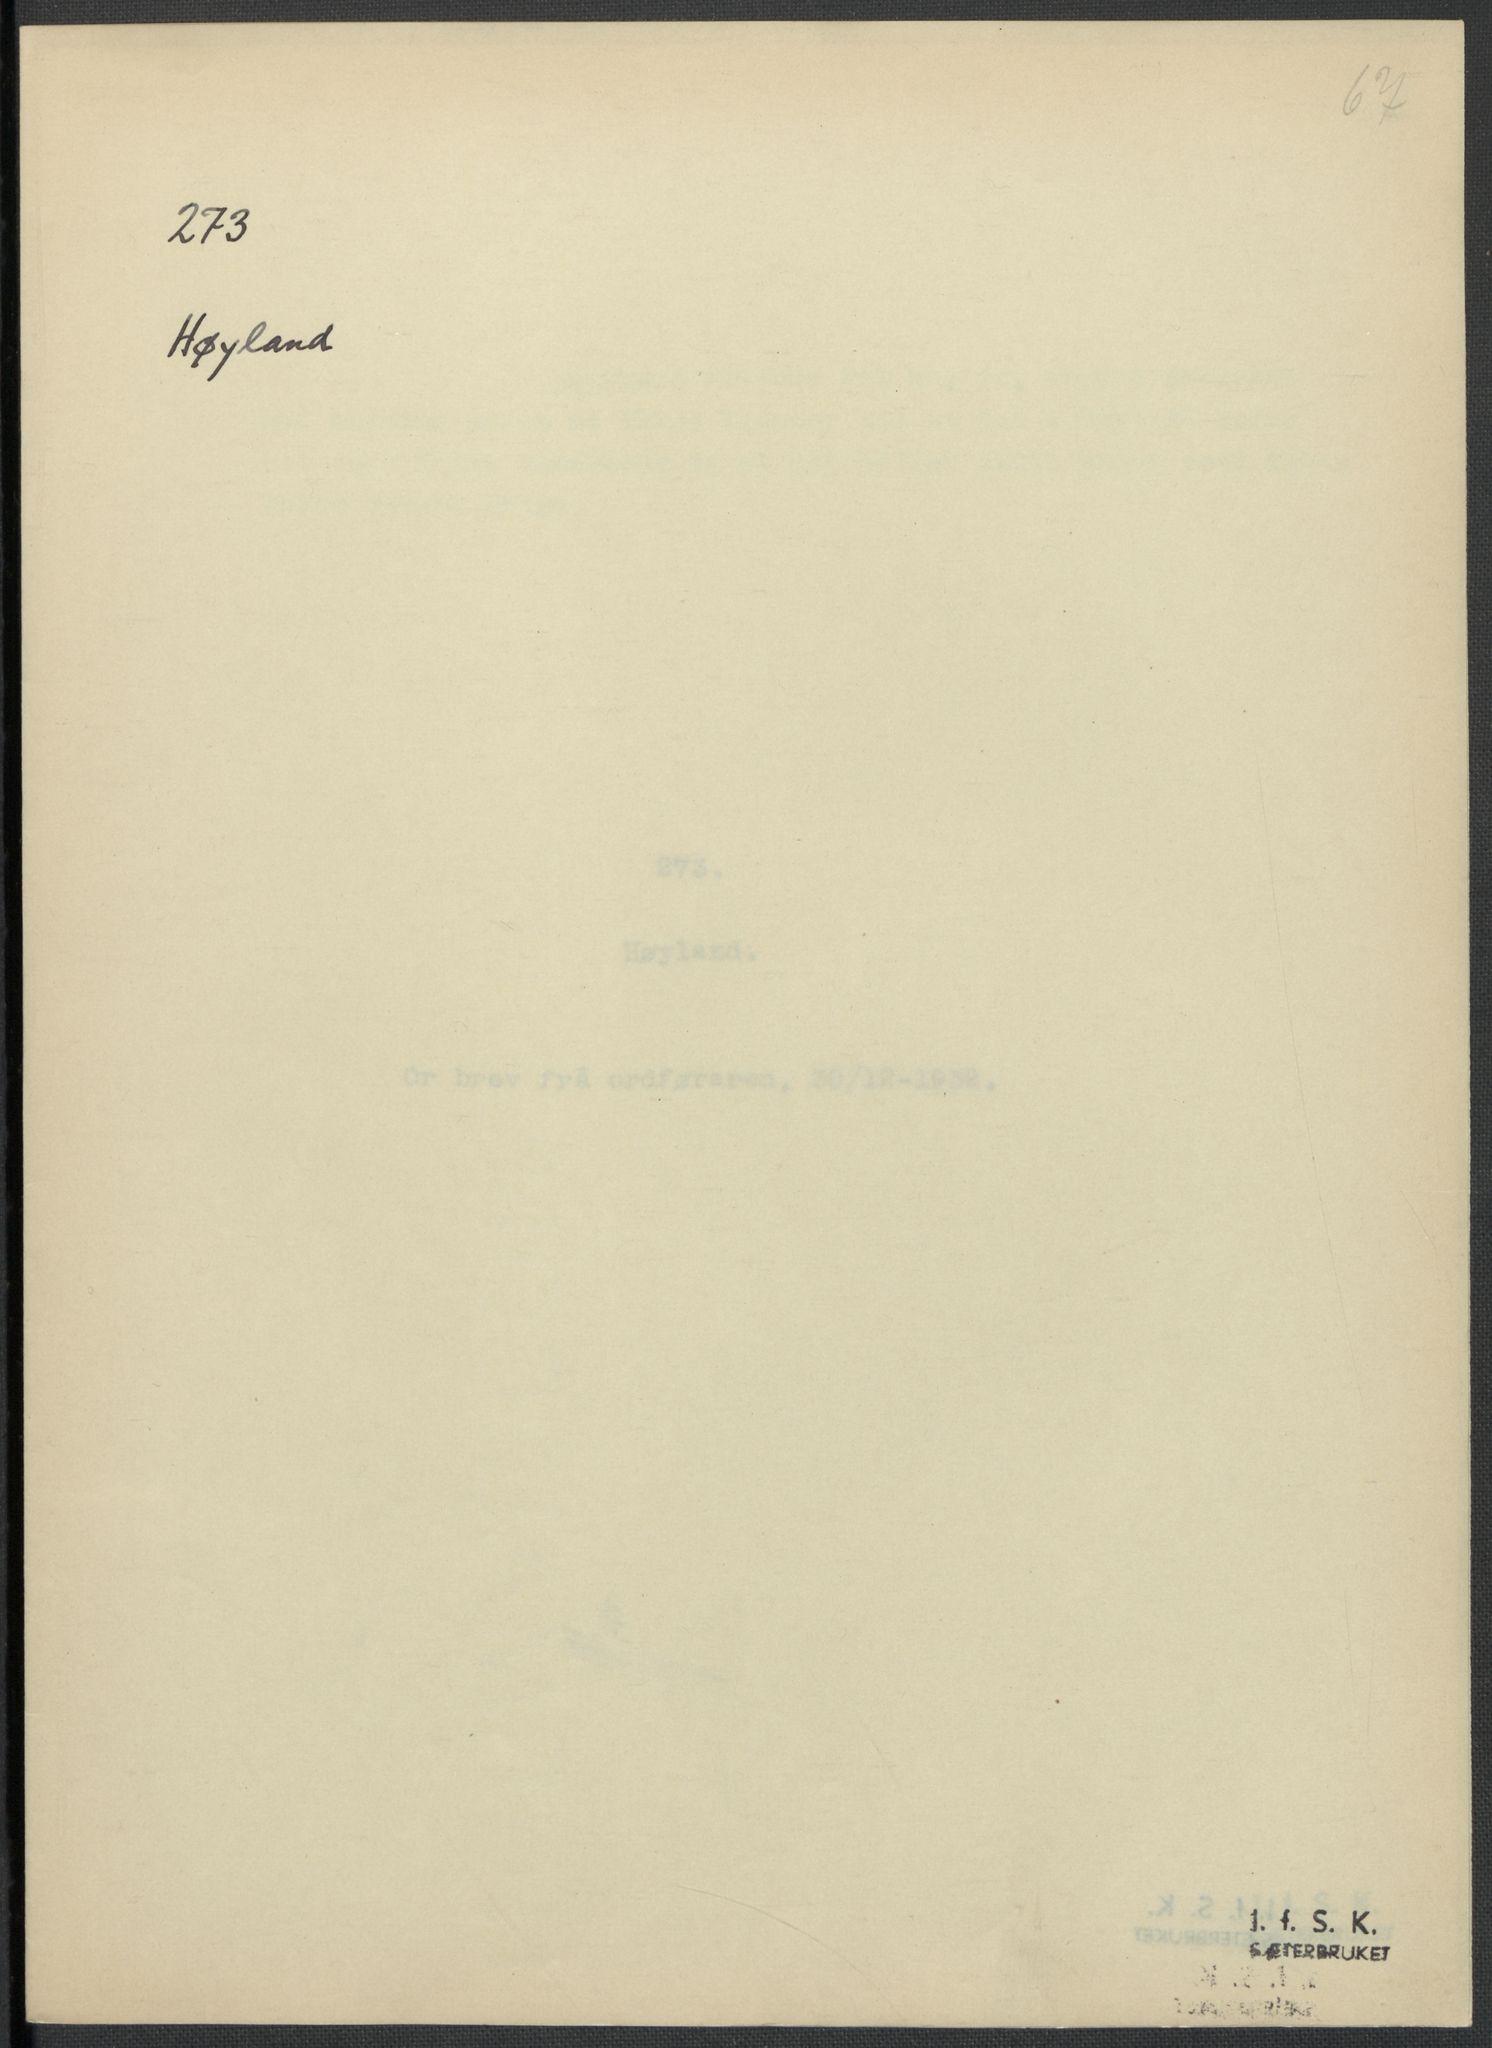 RA, Instituttet for sammenlignende kulturforskning, F/Fc/L0009: Eske B9:, 1932-1935, s. 67